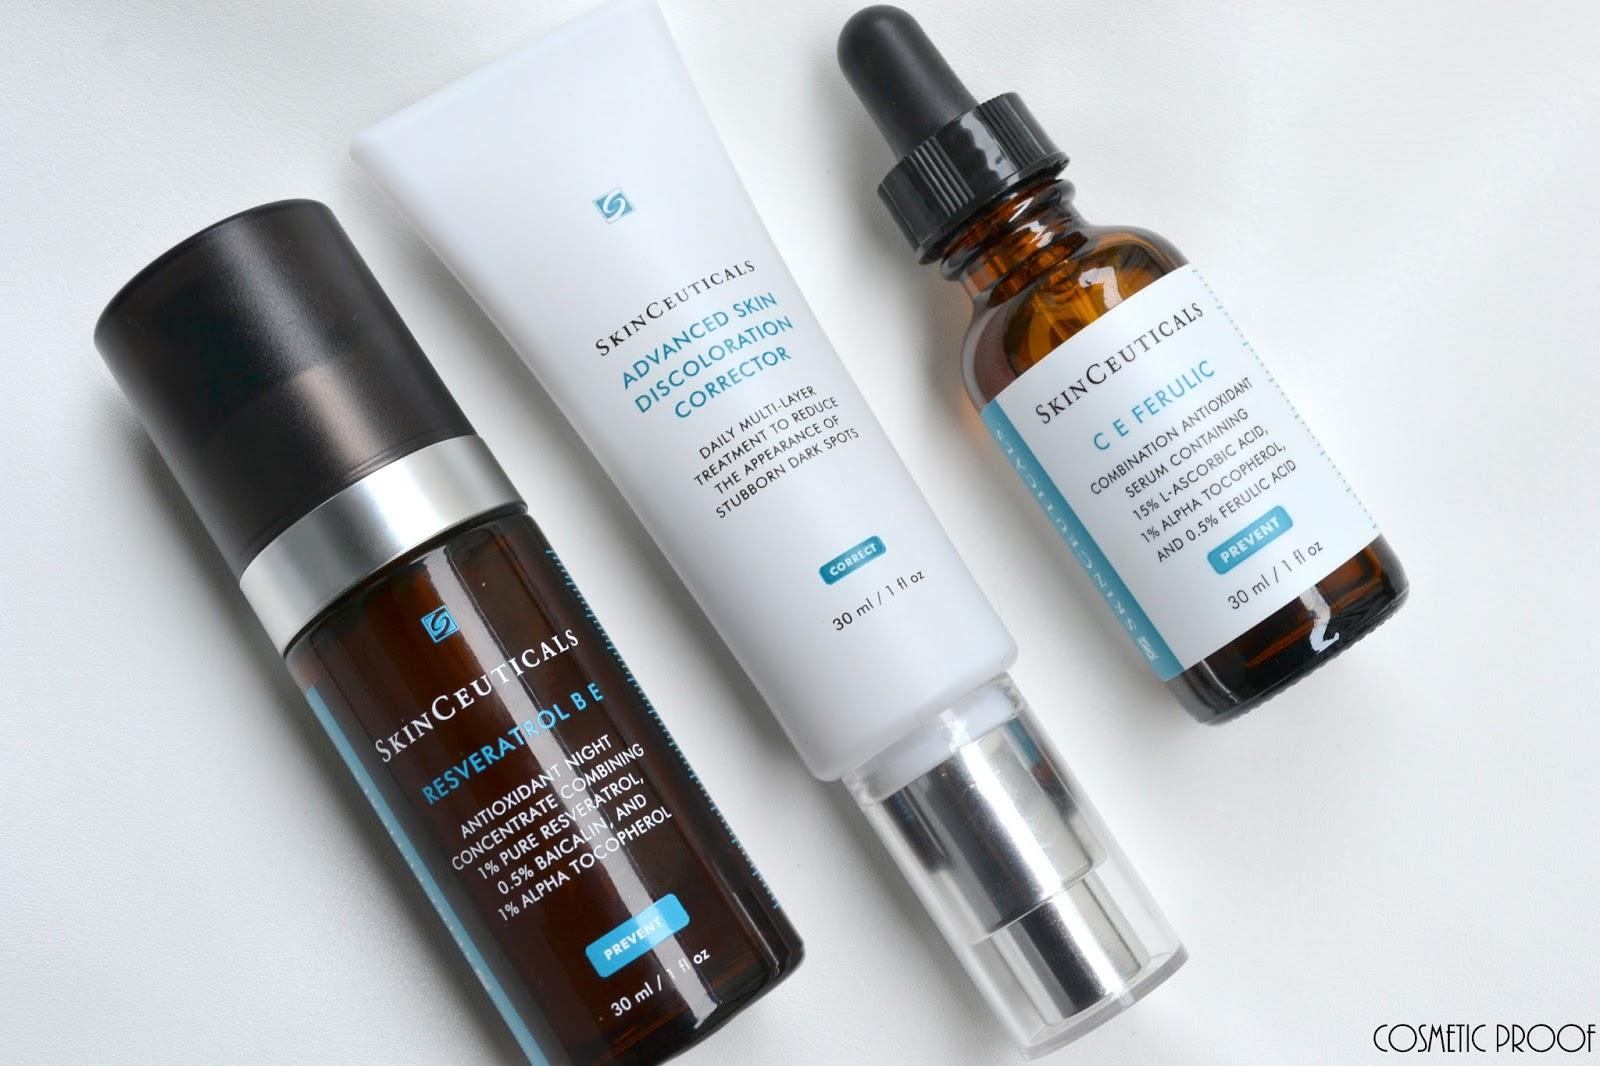 Skincare Skinceuticals C E Ferulic Combination Antioxidant